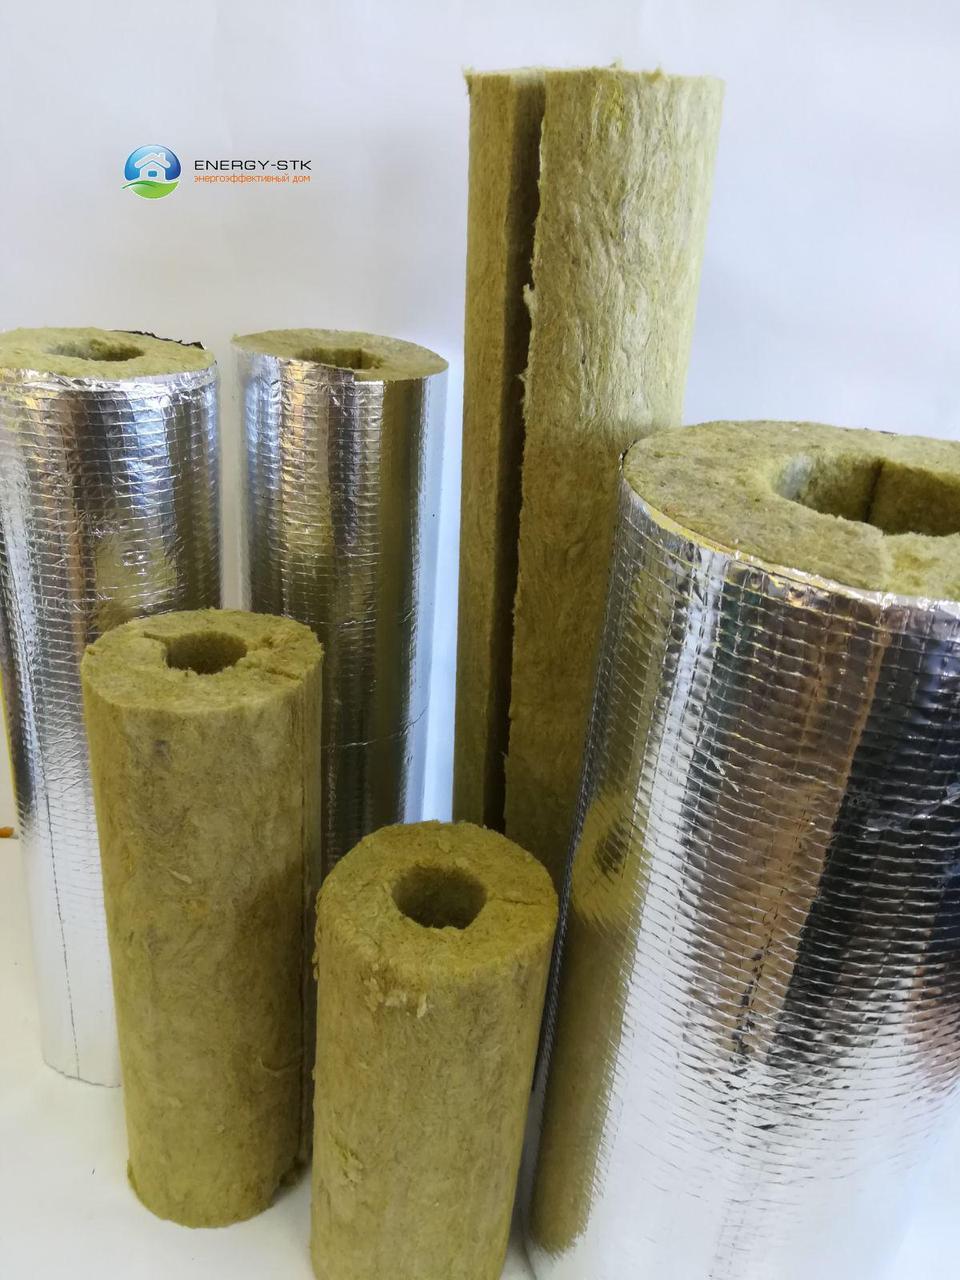 Высокотемпературные изоляционные материалы: виды, характеристики, применение. высокотемпературный теплоизолятор